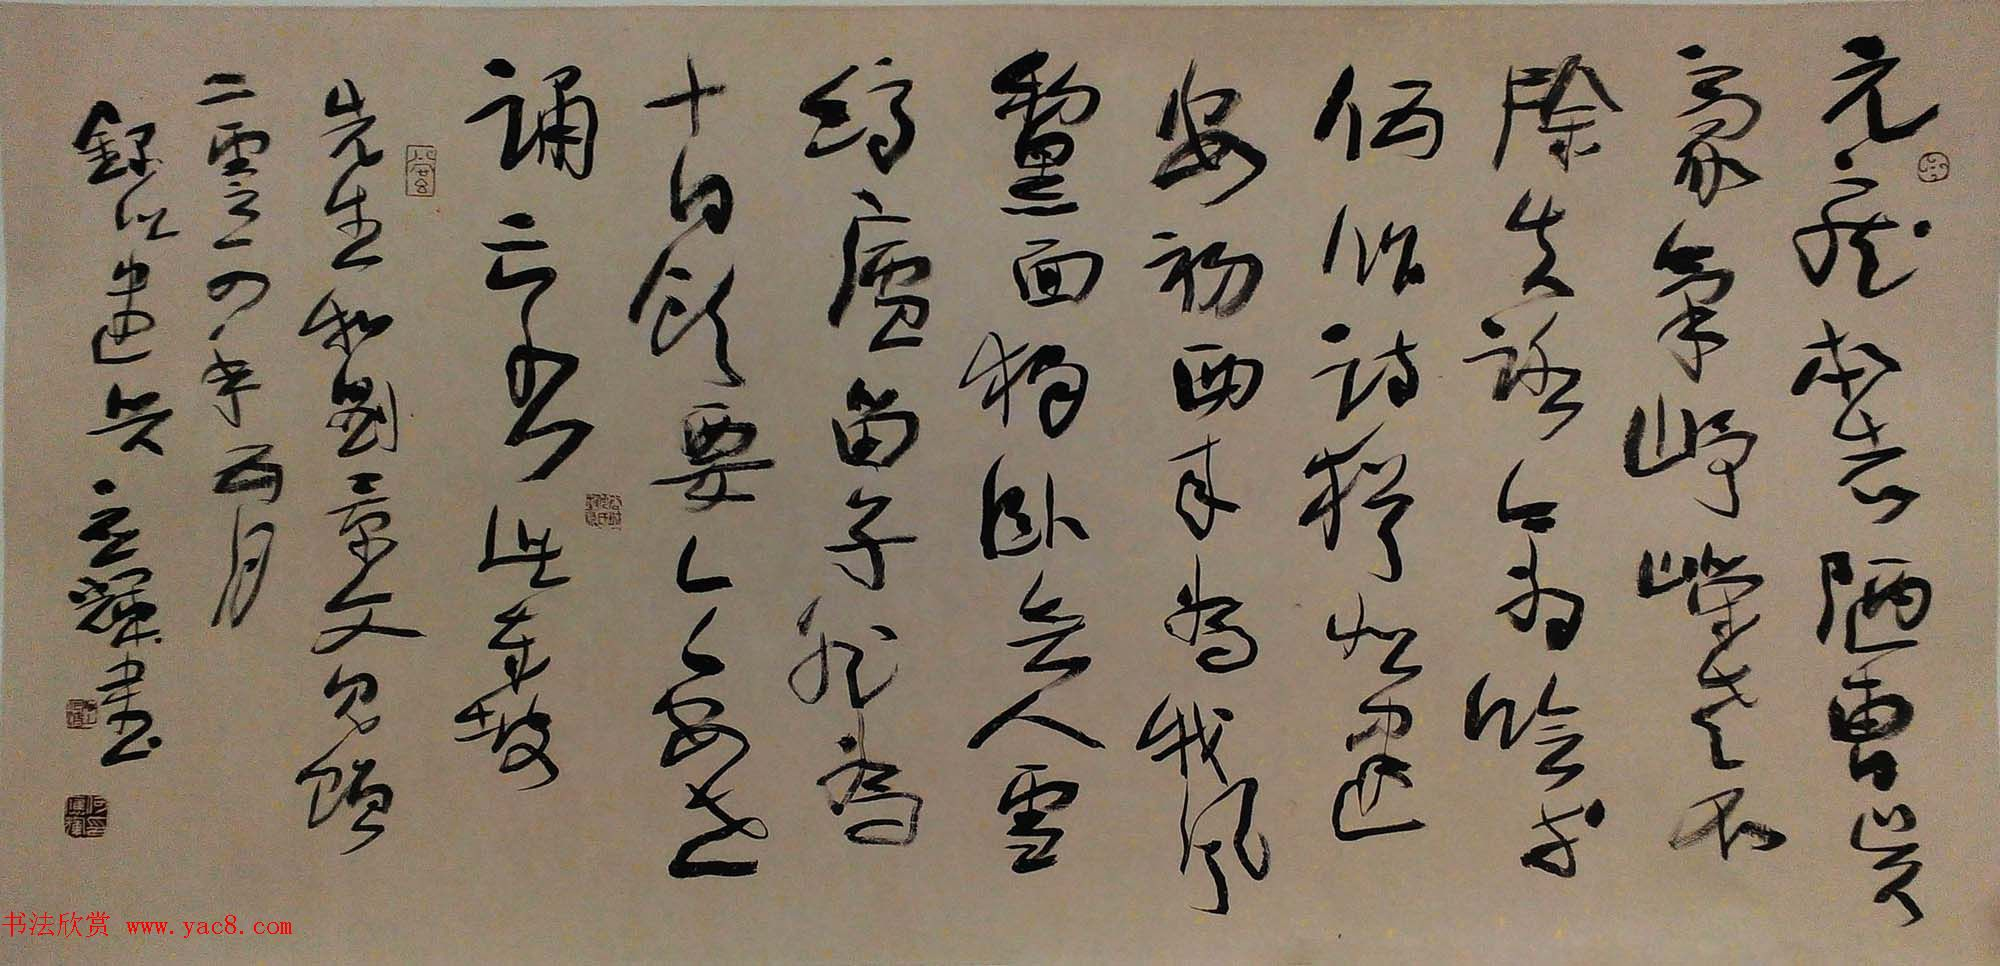 第四届中国西部书法篆刻作品展评委、优秀奖作品